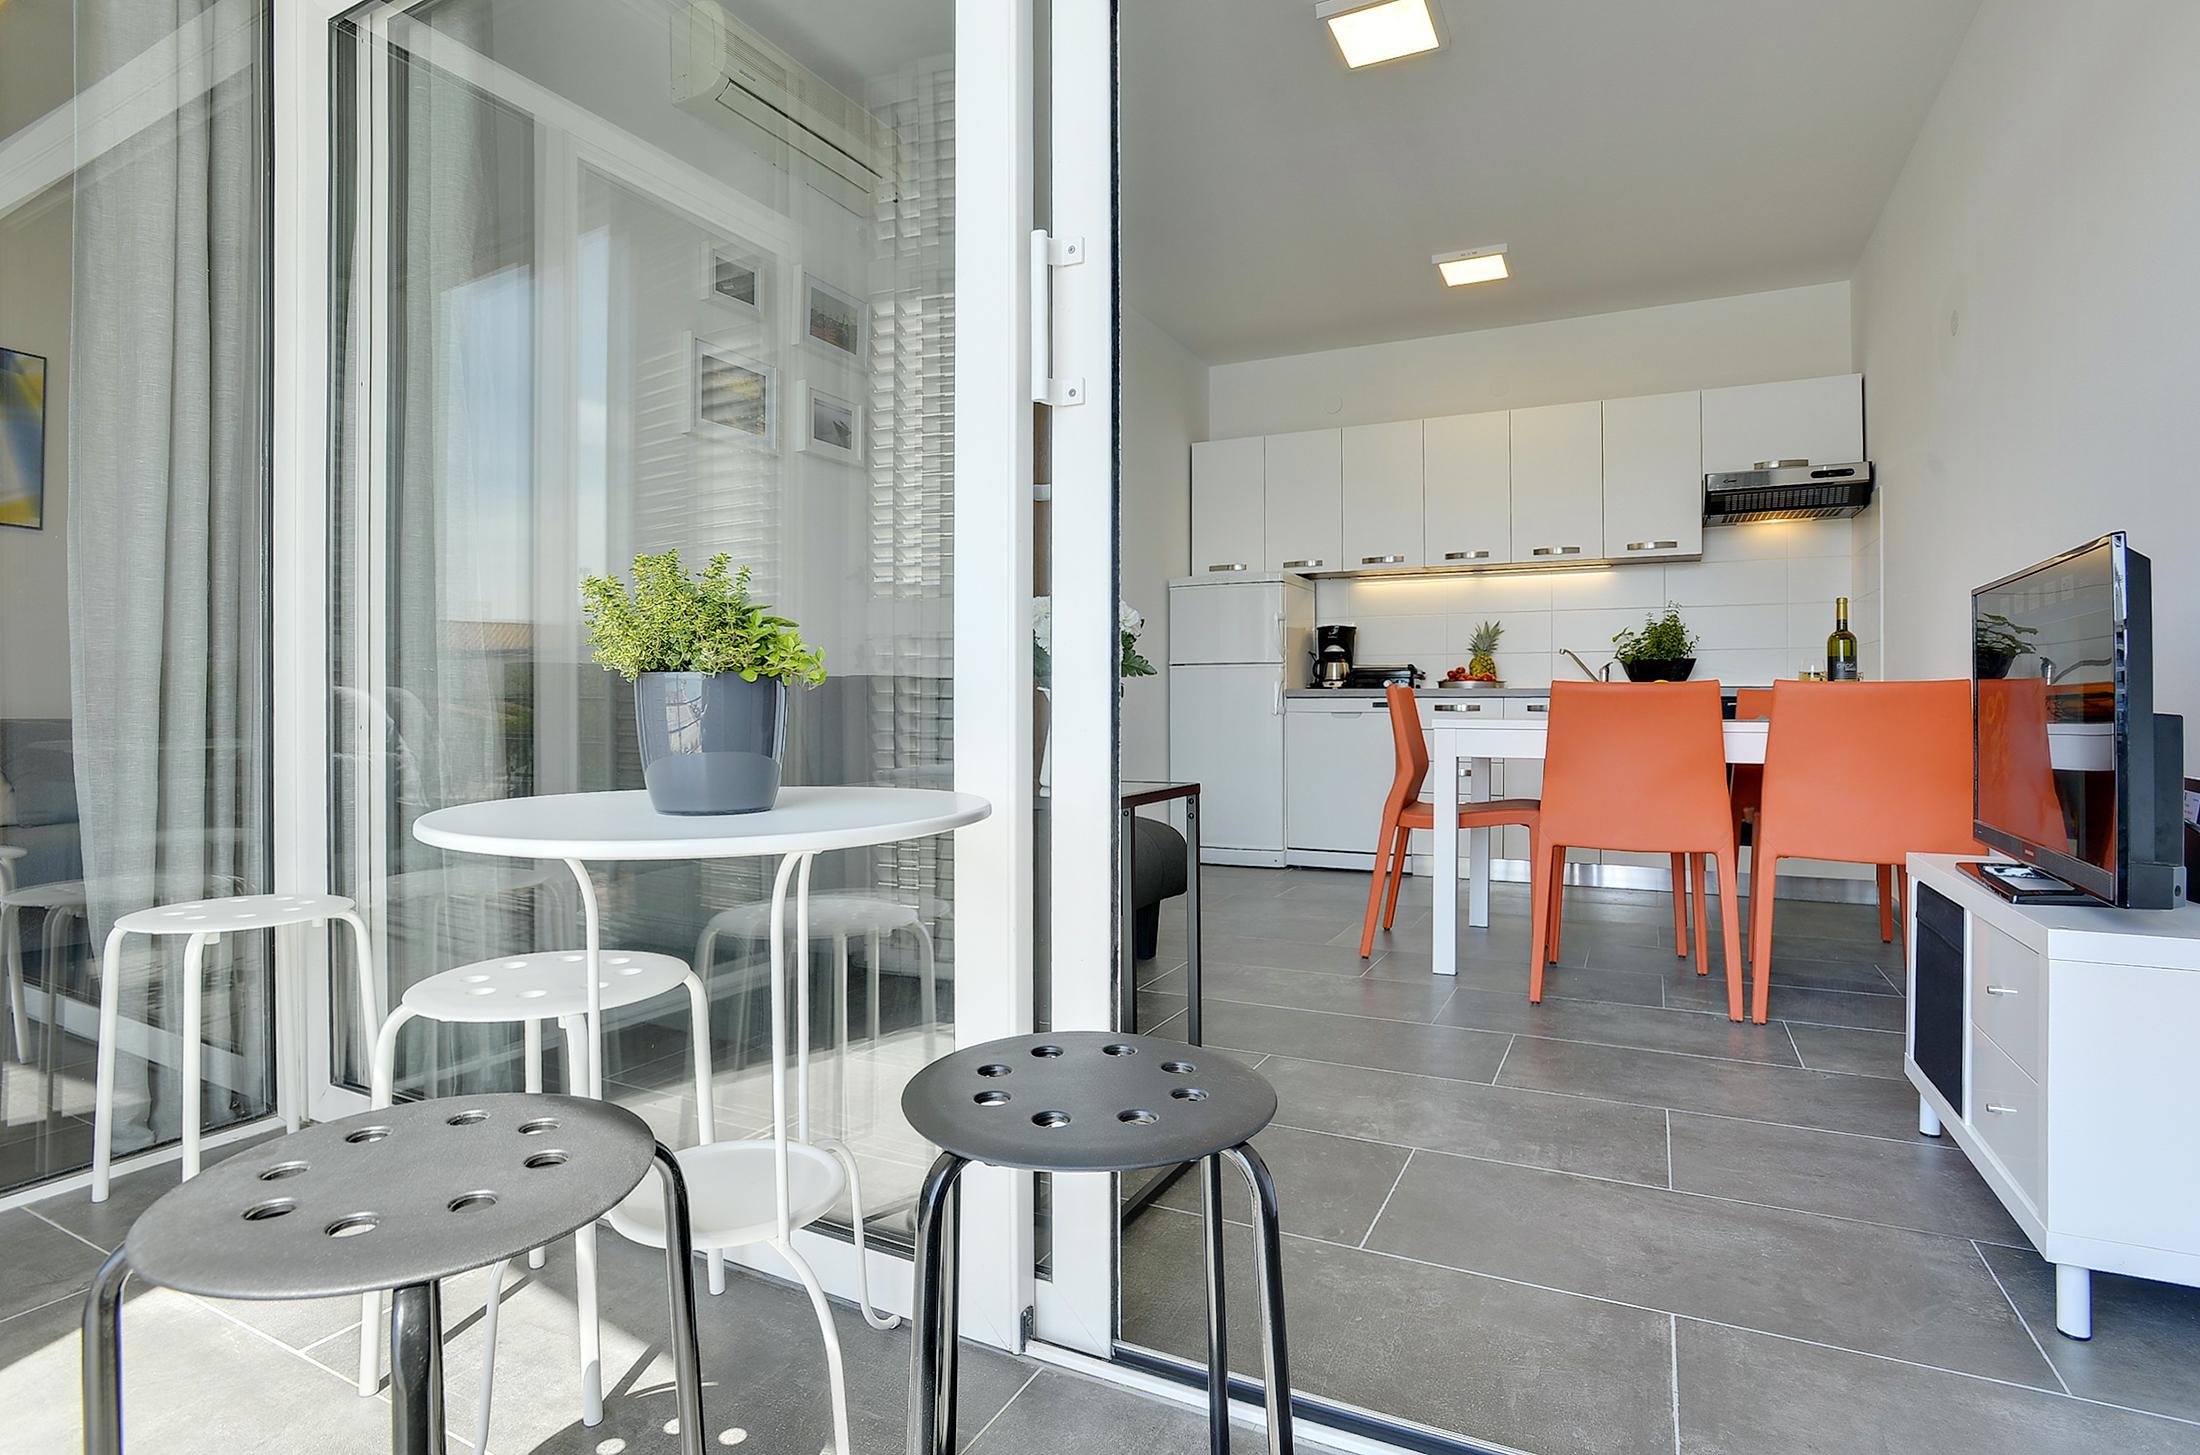 Prenotate le vacanze in questo comodo alloggio vicino al mare for Appartamenti barcellona vicino al mare